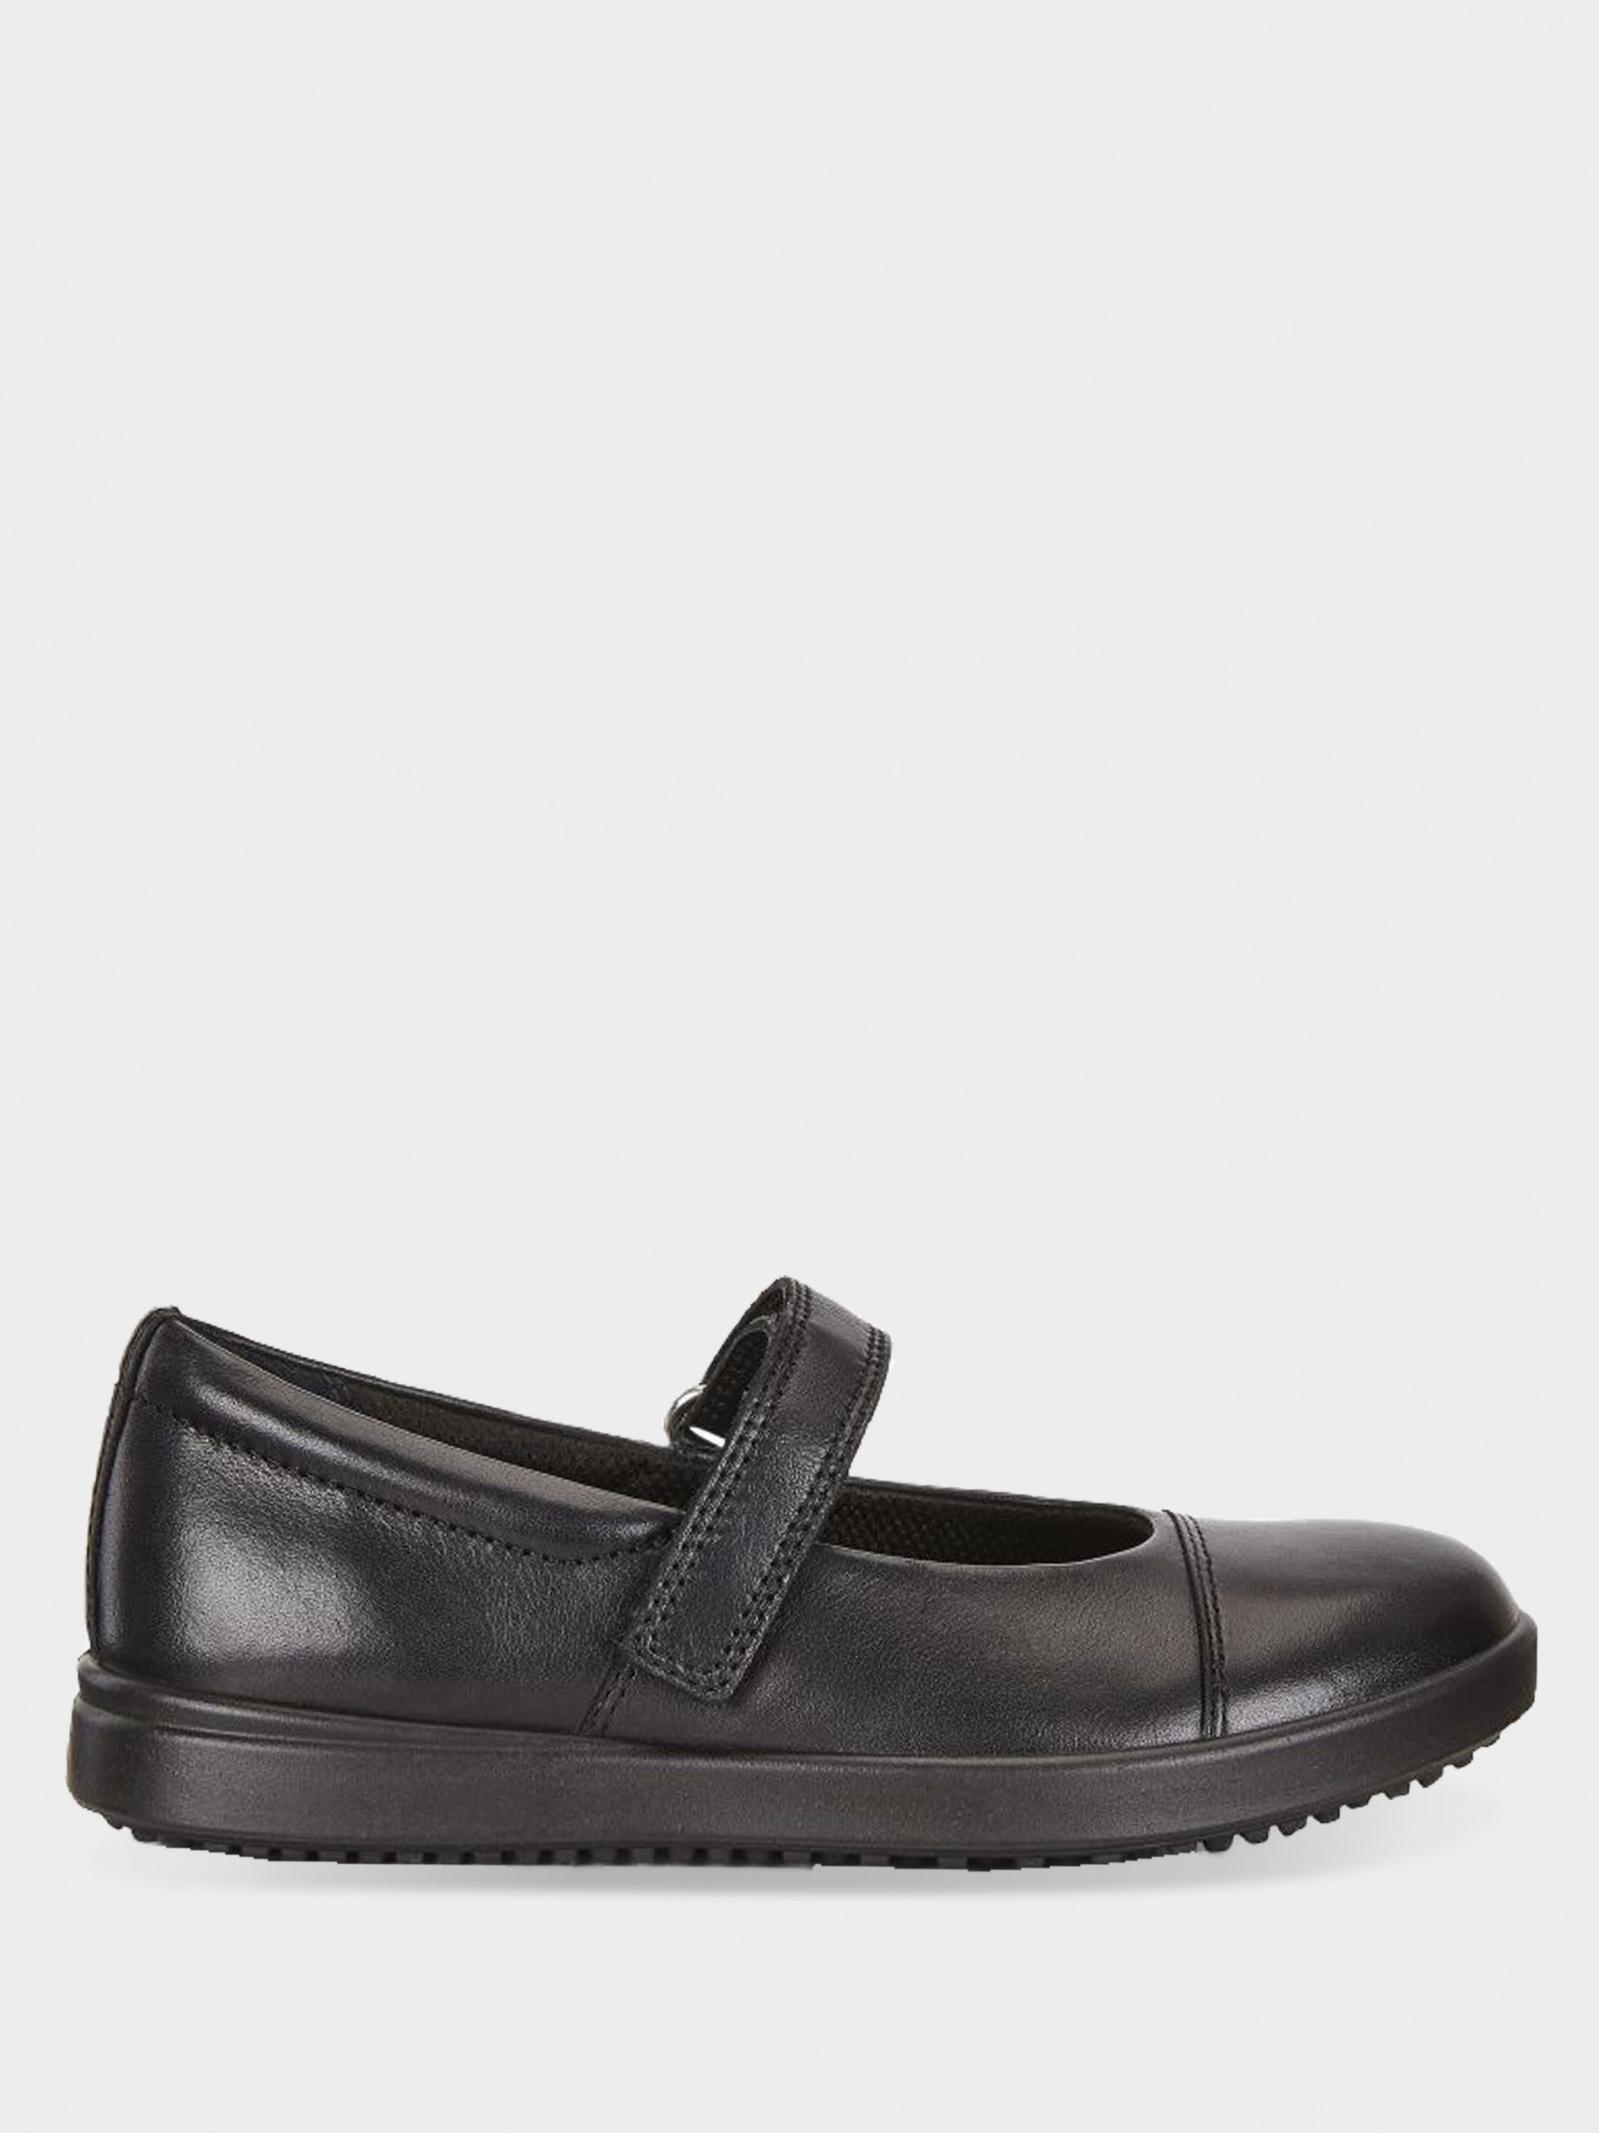 Туфлі  для дітей ECCO ELLI 722992(51052) купити взуття, 2017